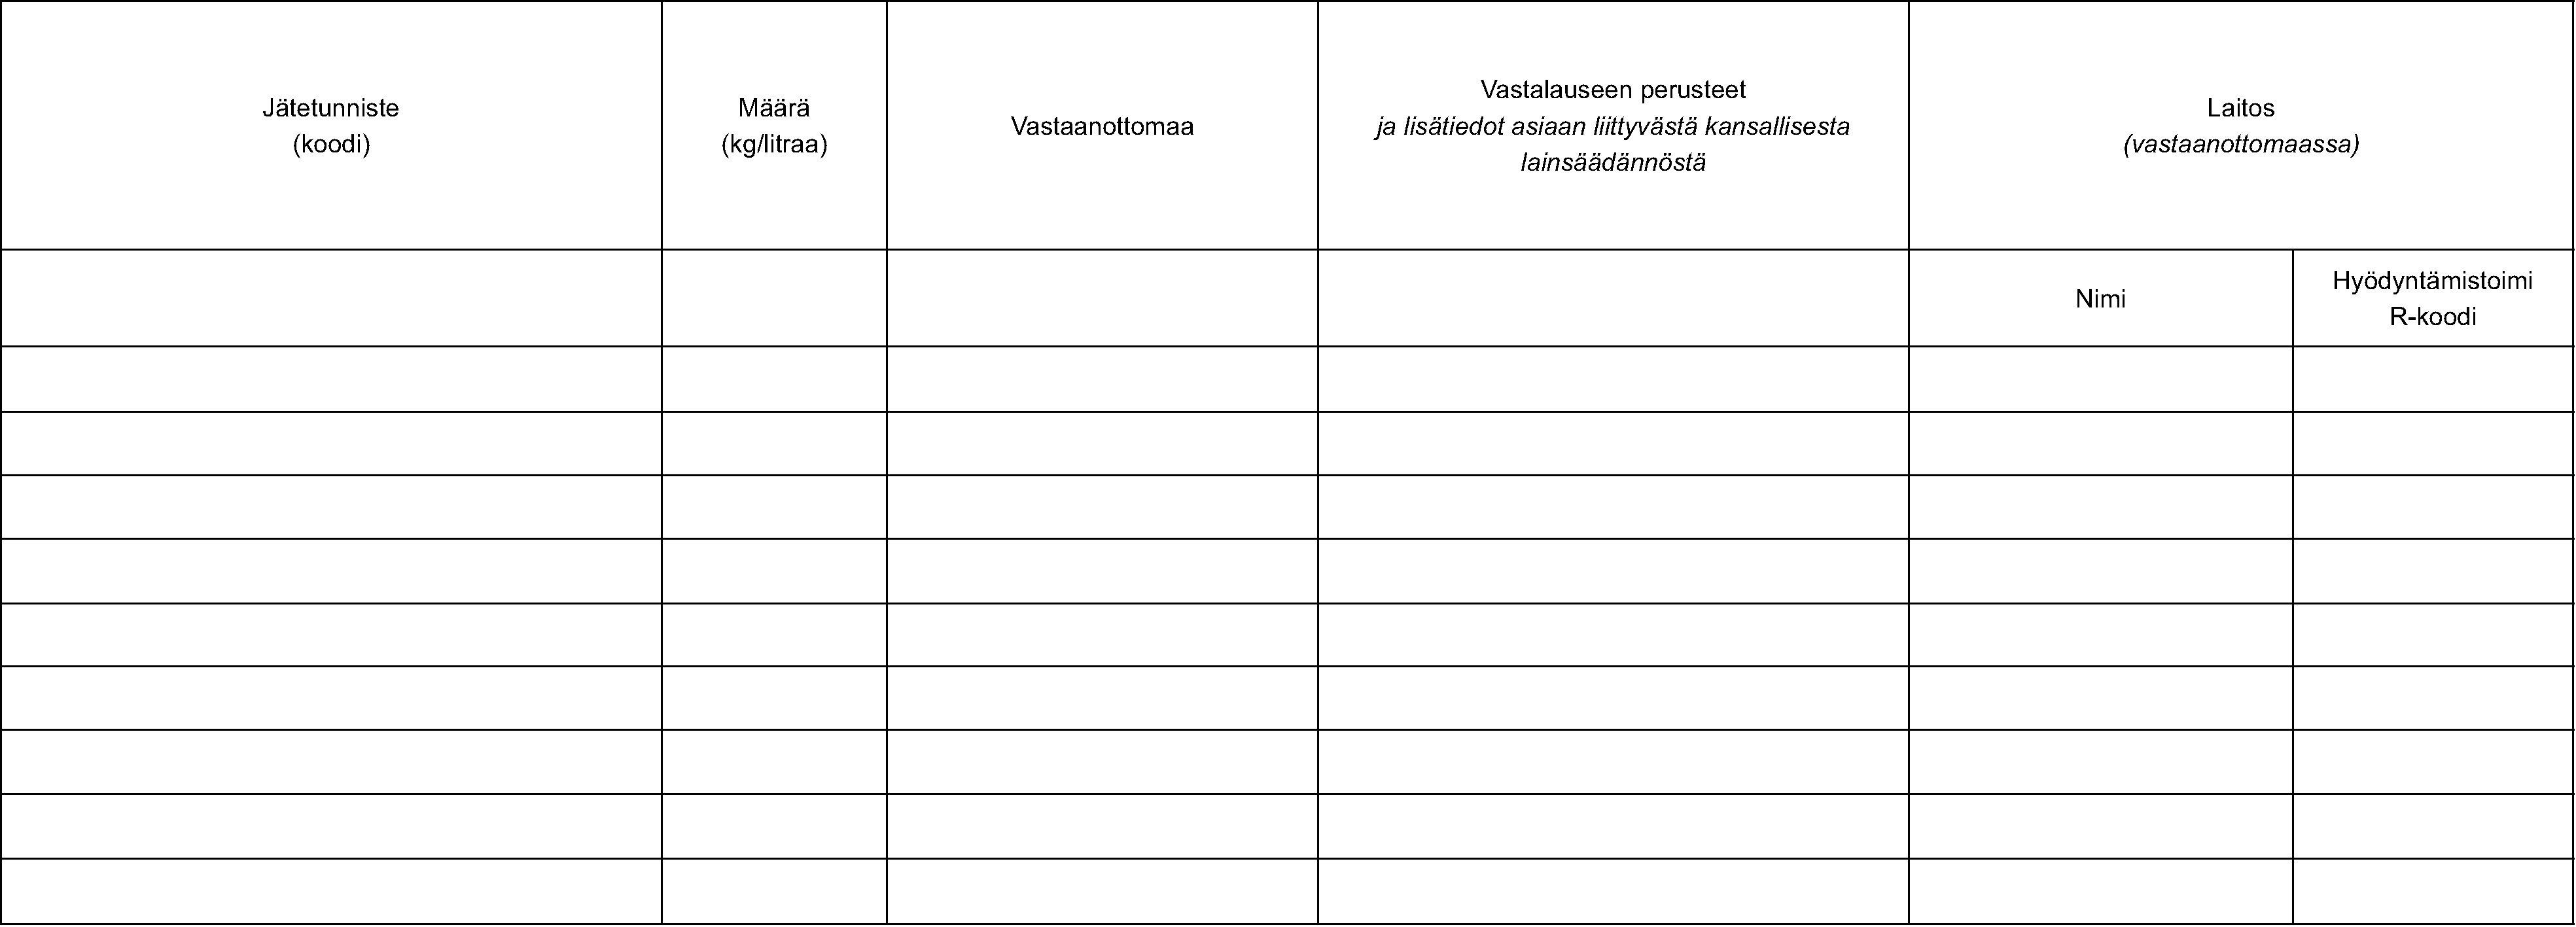 Lumijoen Lumiukkojen 100-vuotishistoriikki Sata vuotta sulamatta, hinta 20,00 €.